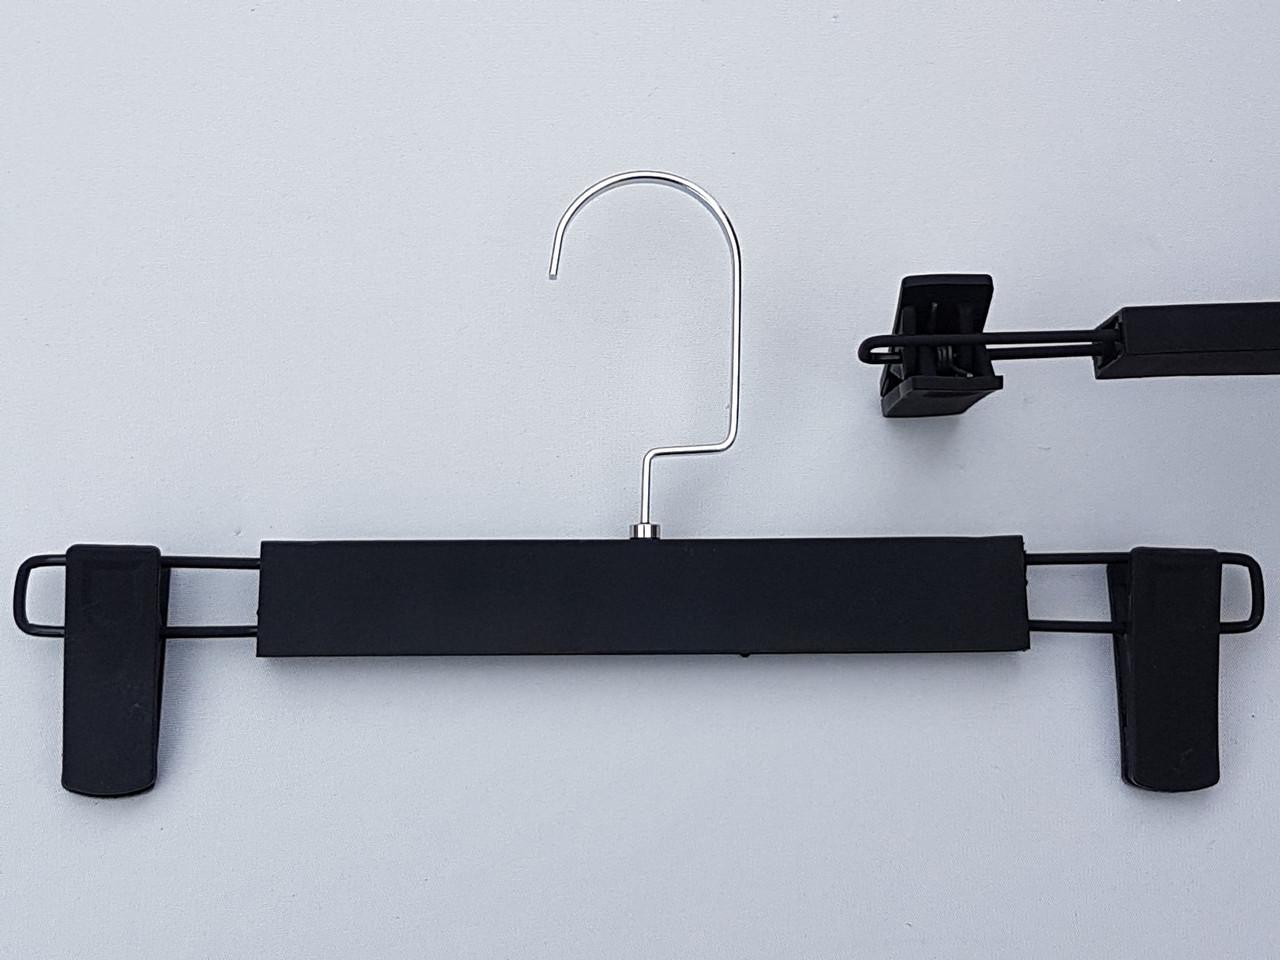 Плечики вешалки тремпеля  для брюк и юбок матовый-1 Soft-touch черного цвета, длина 32 см